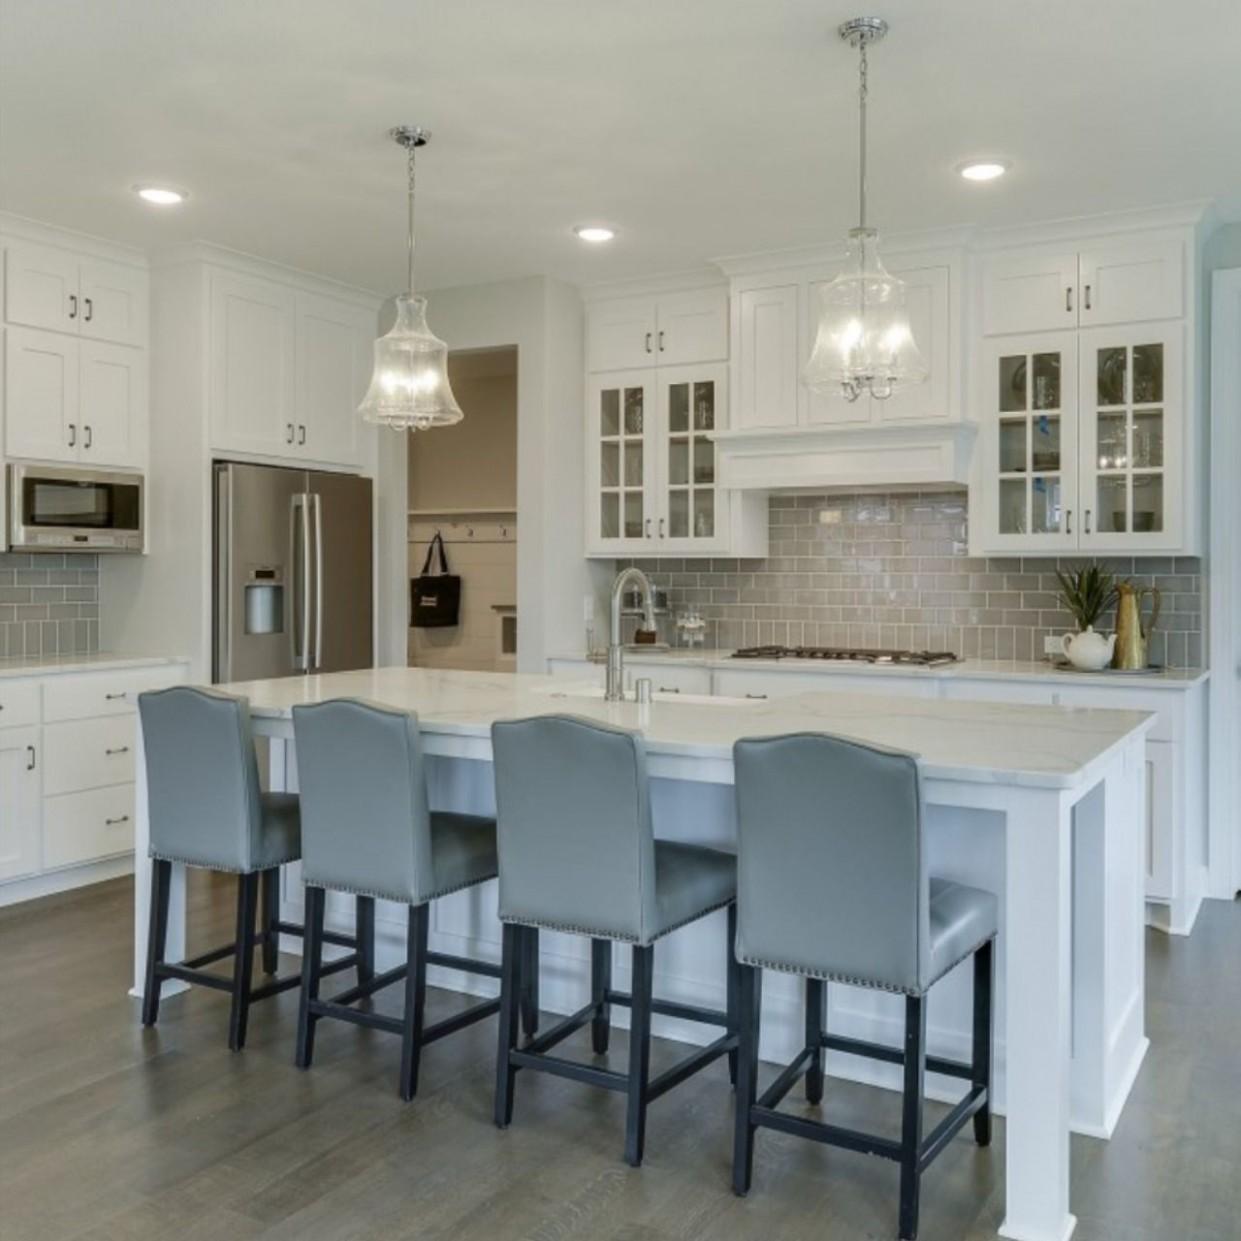 Hanson Builders - Crestwood Kitchen in 11  Kitchen remodel  - Hanson Kitchen Cabinets